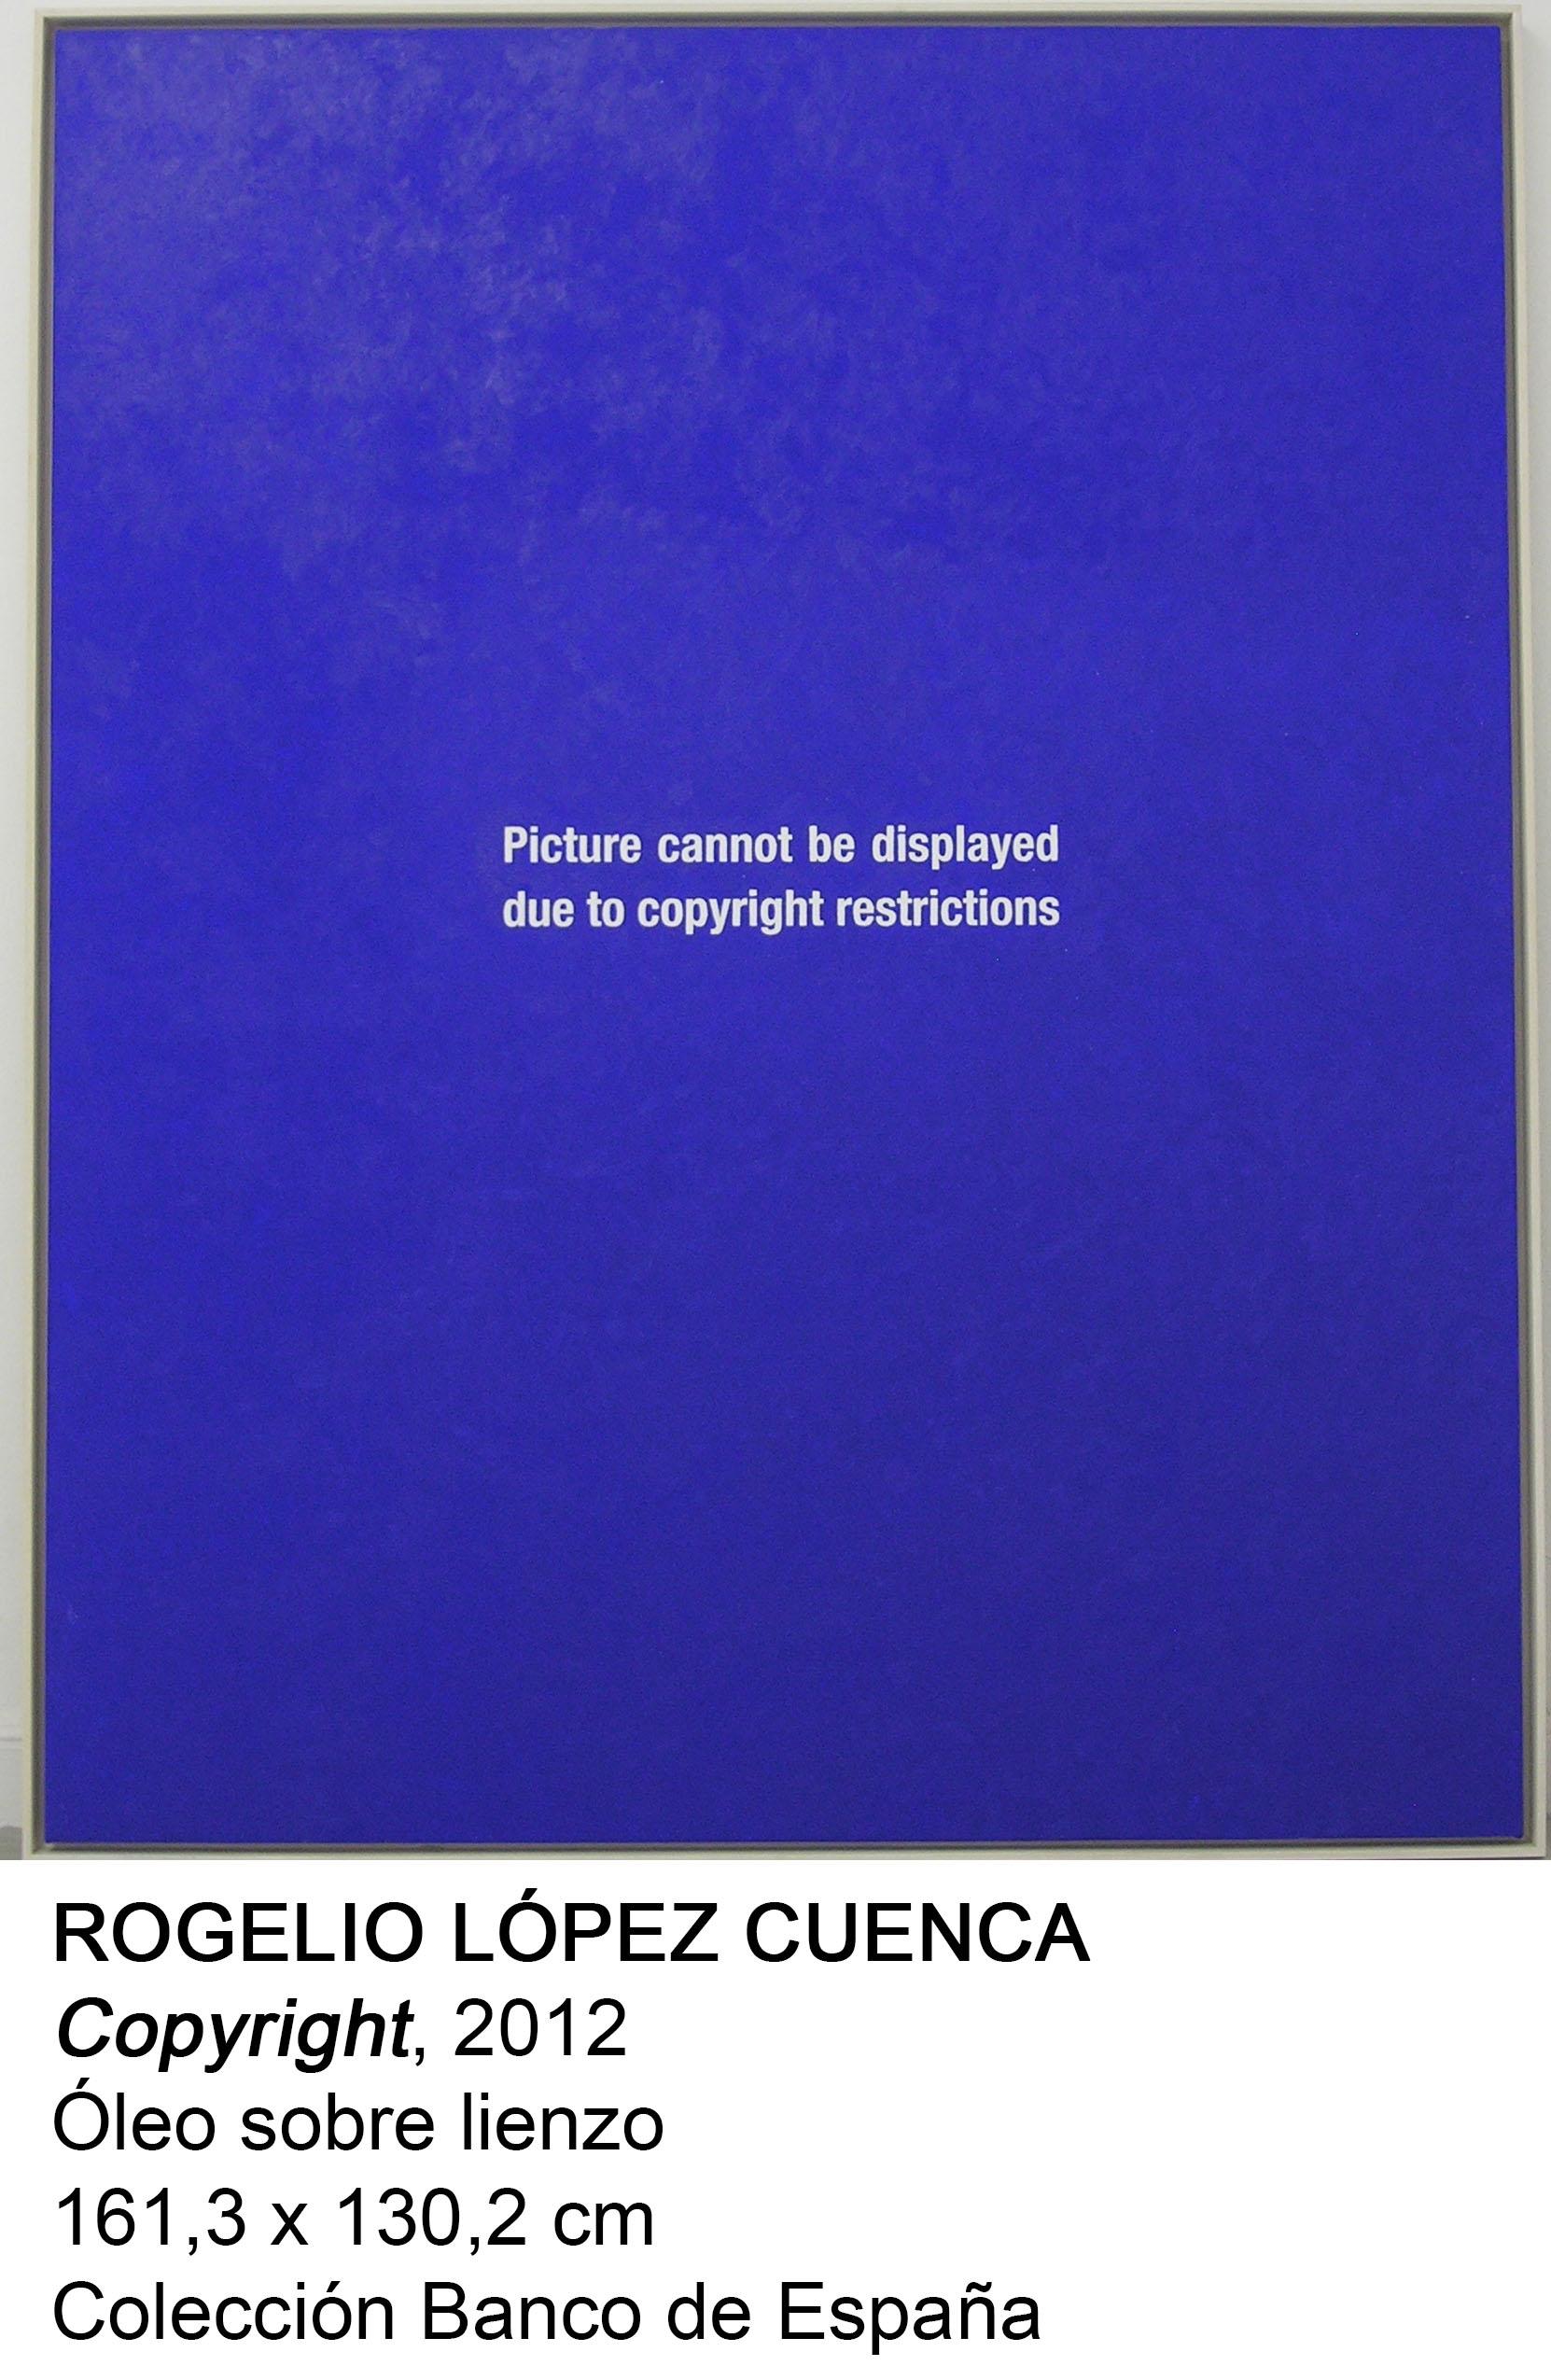 Copyright (2012) - Rogelio López Cuenca